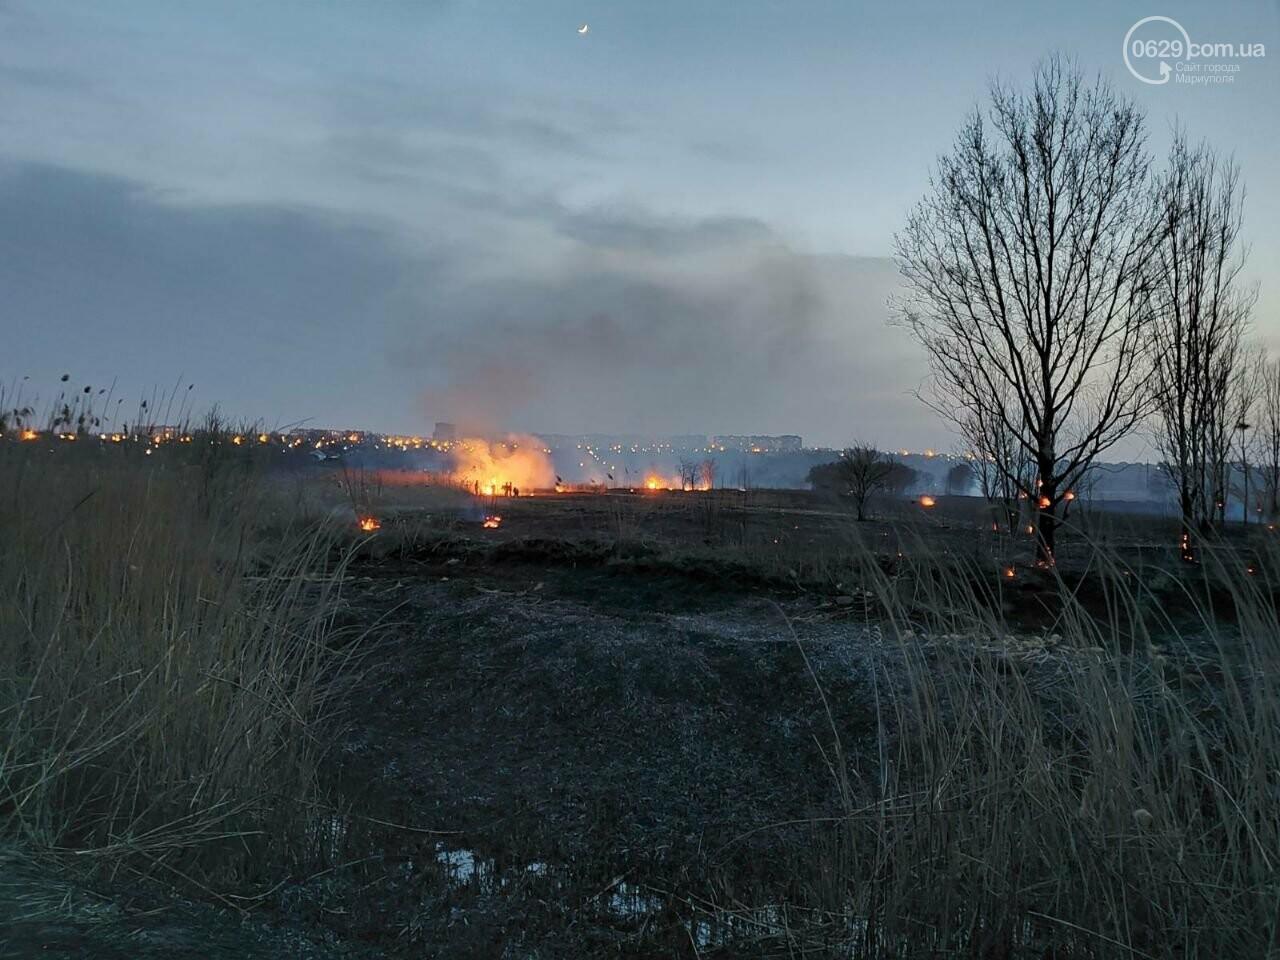 В Мариуполе полыхало поле в Кальмиусском районе, - ФОТО, ВИДЕО, фото-3